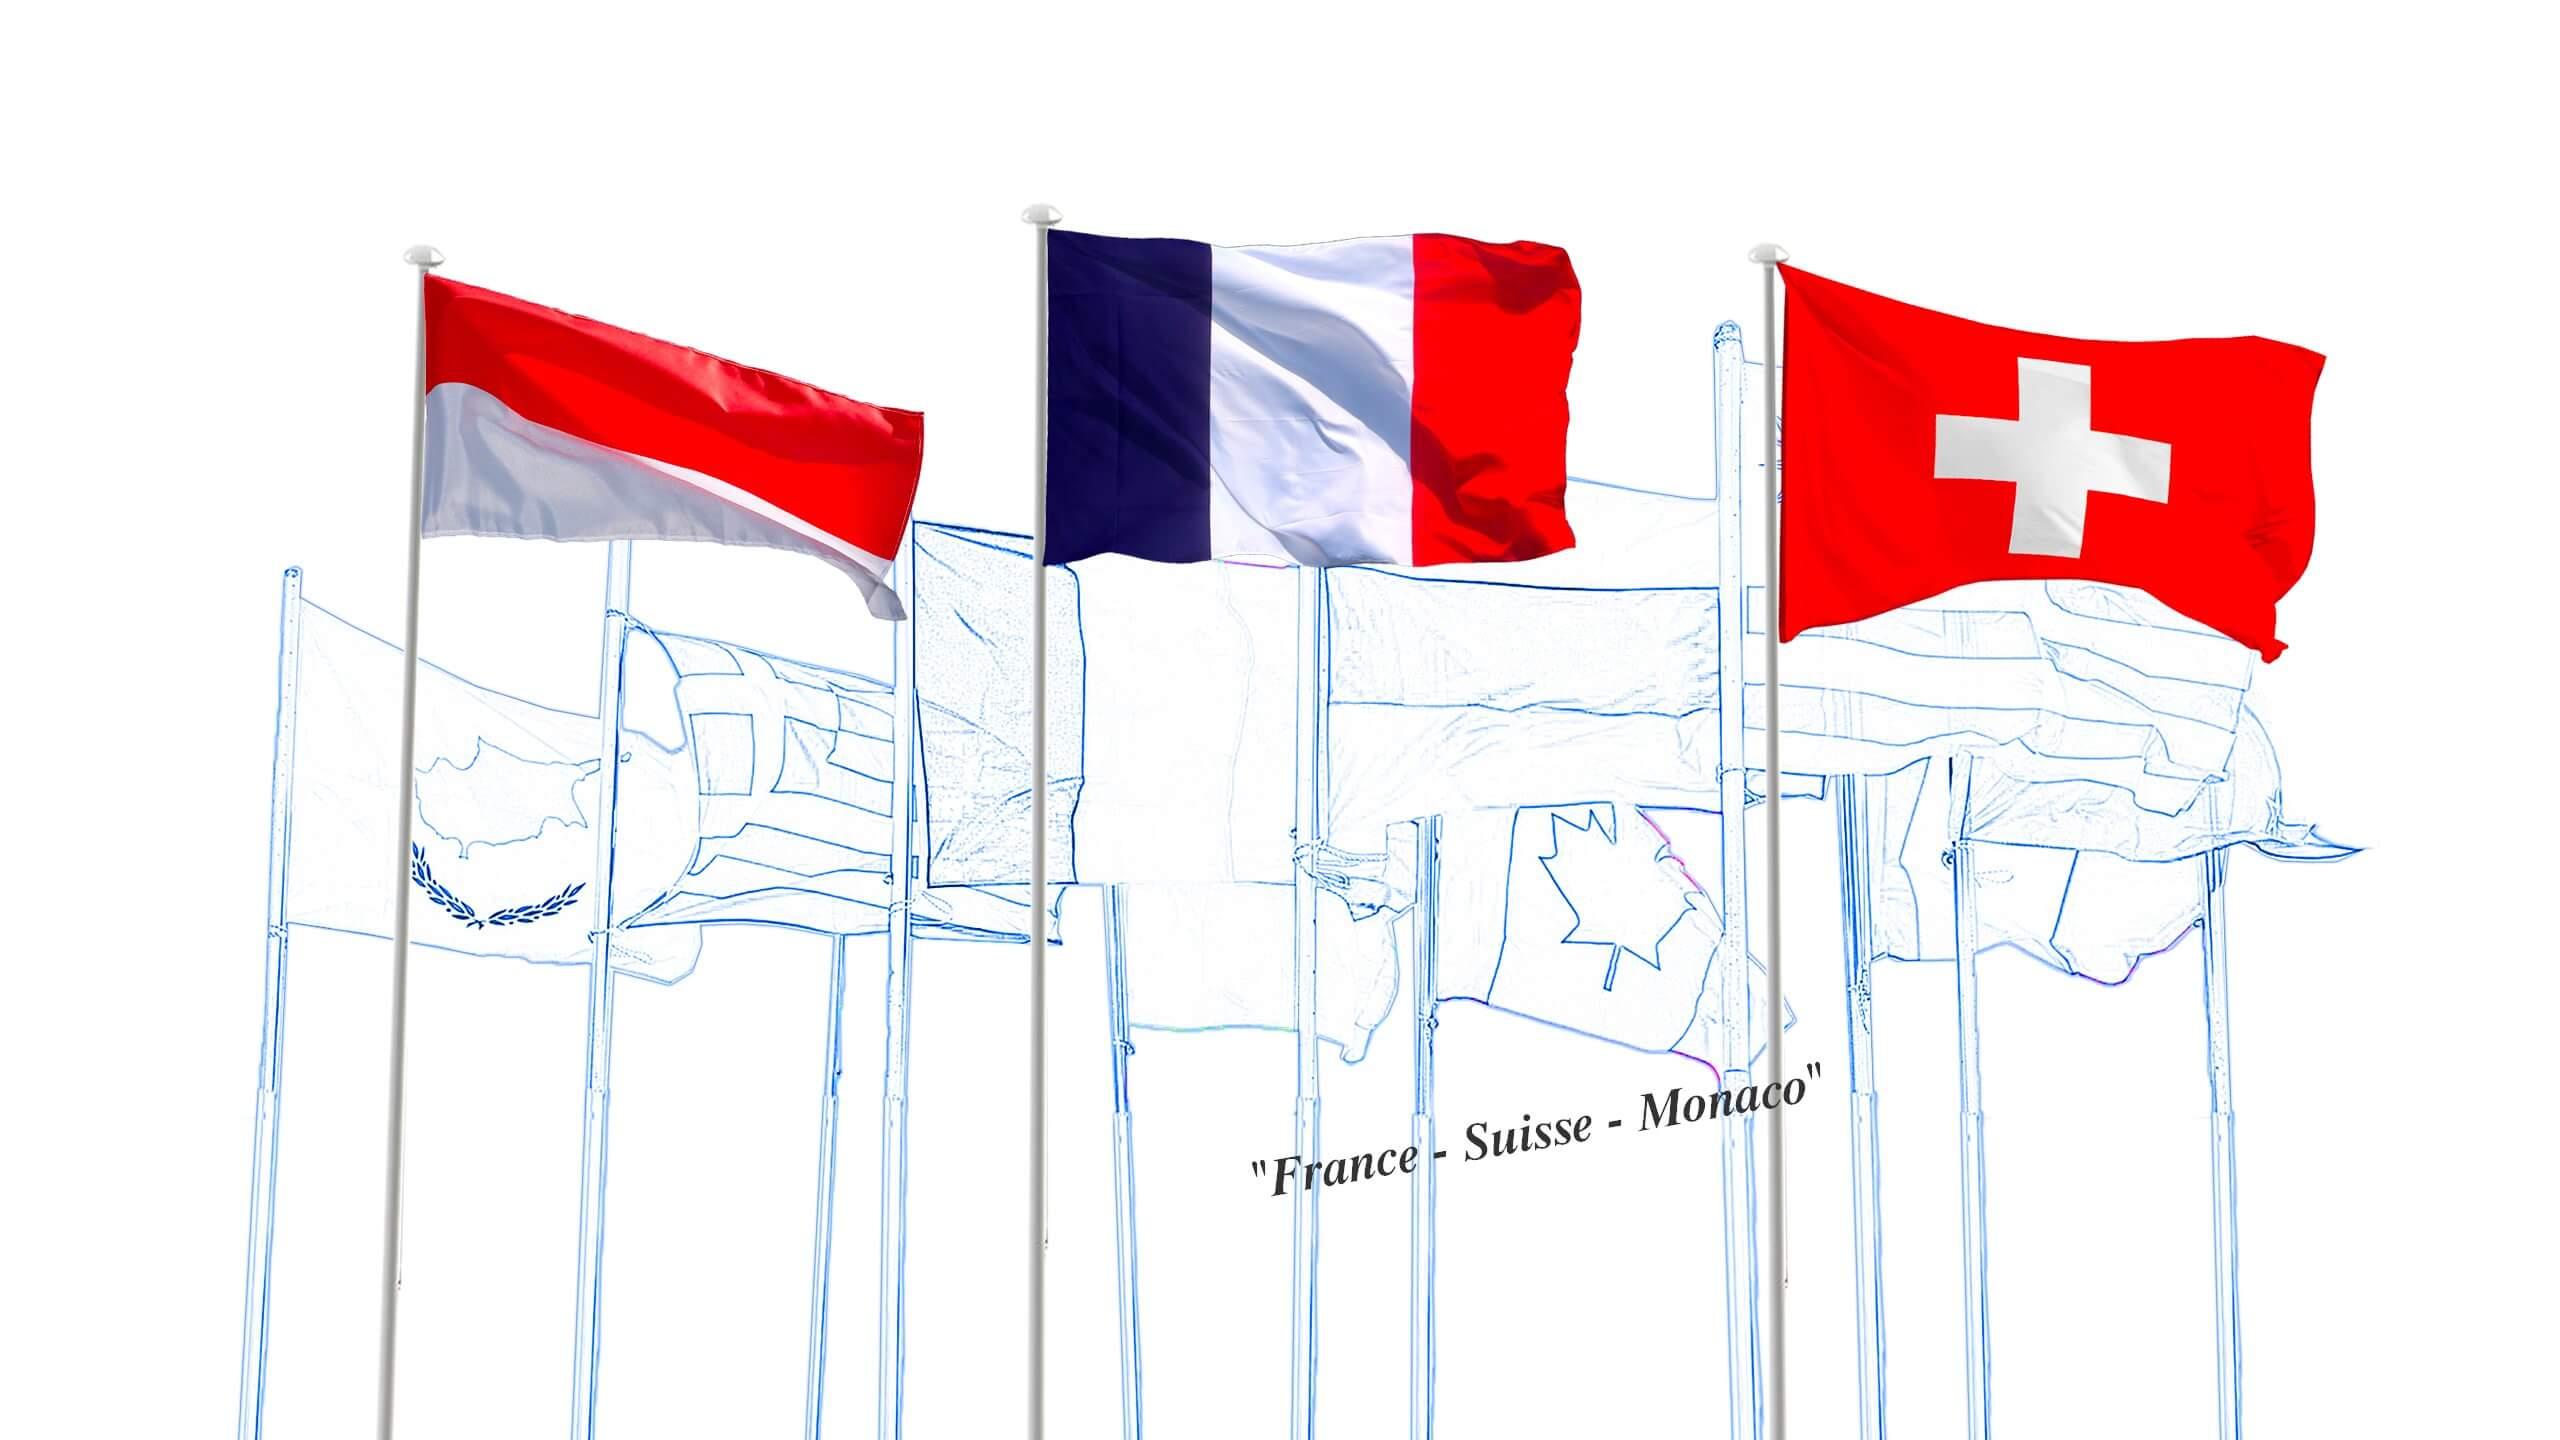 Les drapeaux des sites IM Projet : France Suisse Monaco